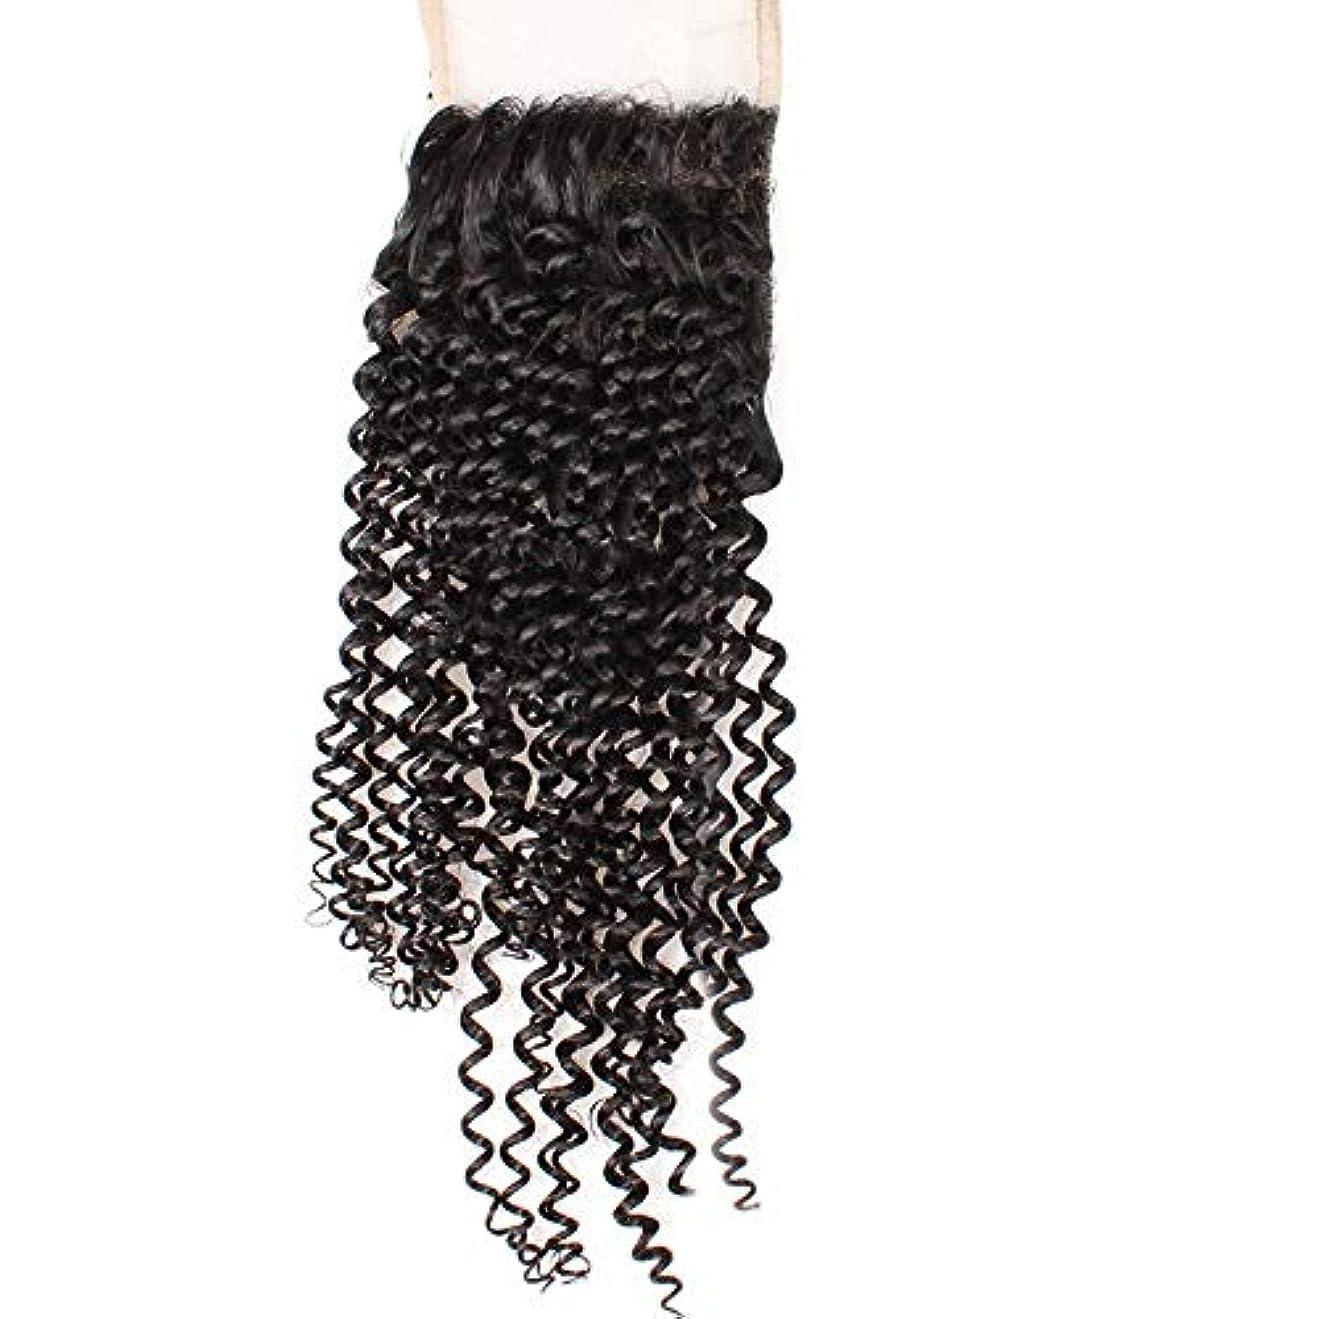 させるばかげている寸法HOHYLLYA 4×4フリーパートレース前頭閉鎖9Aブラジル髪変態カーリーレース閉鎖ロールプレイングかつら女性の自然なかつら (色 : 黒, サイズ : 14 inch)